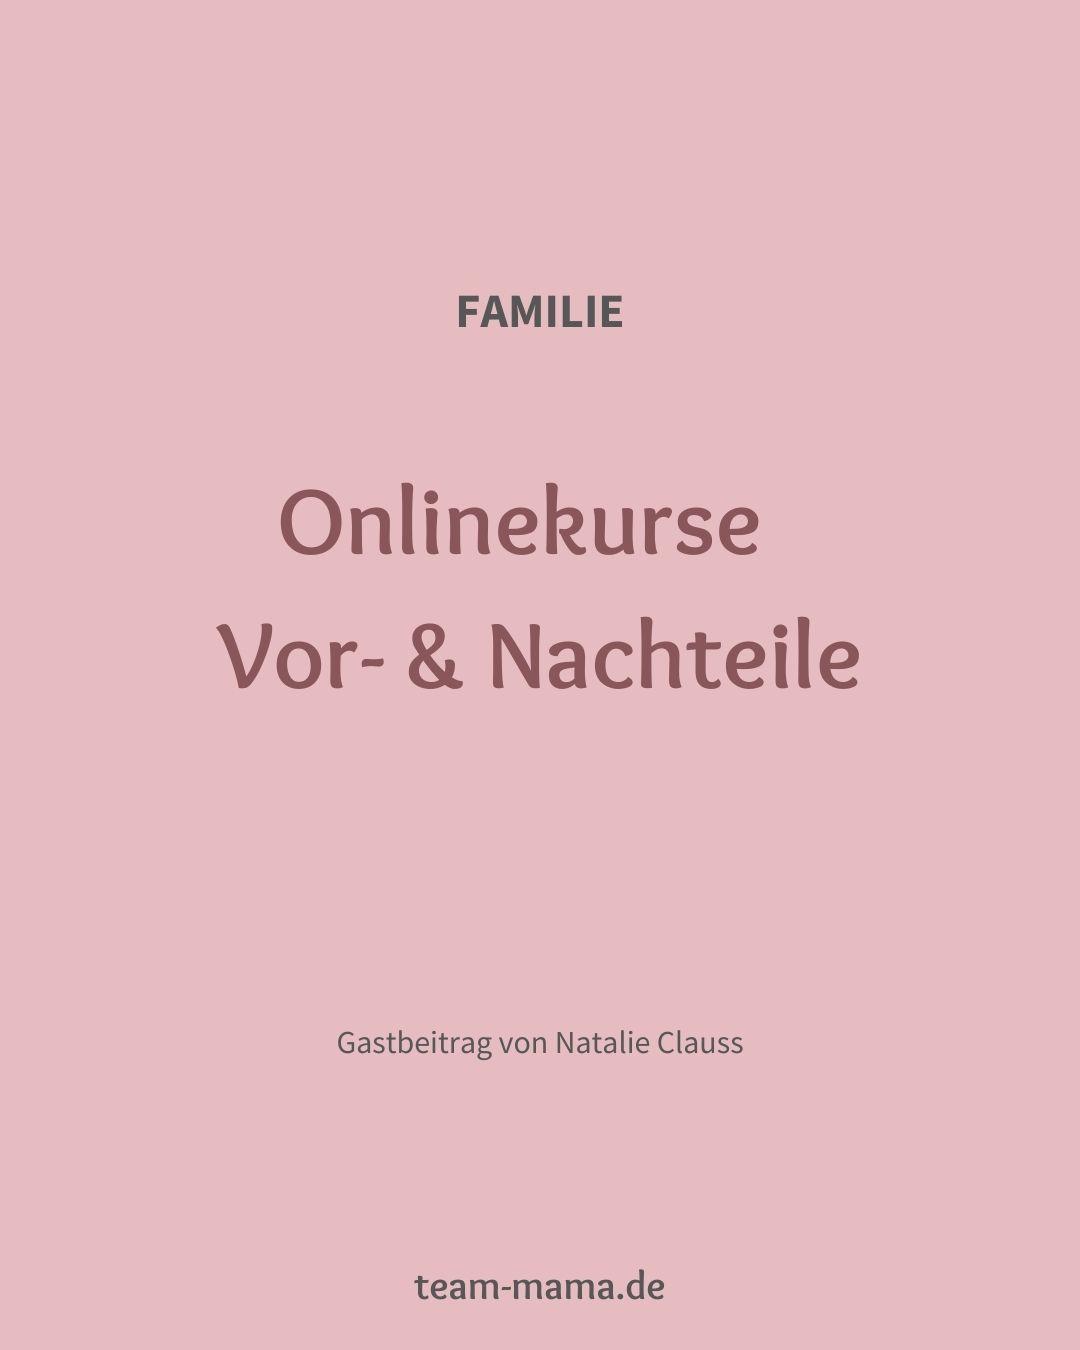 Onlinekurse – Vor- & Nachteile